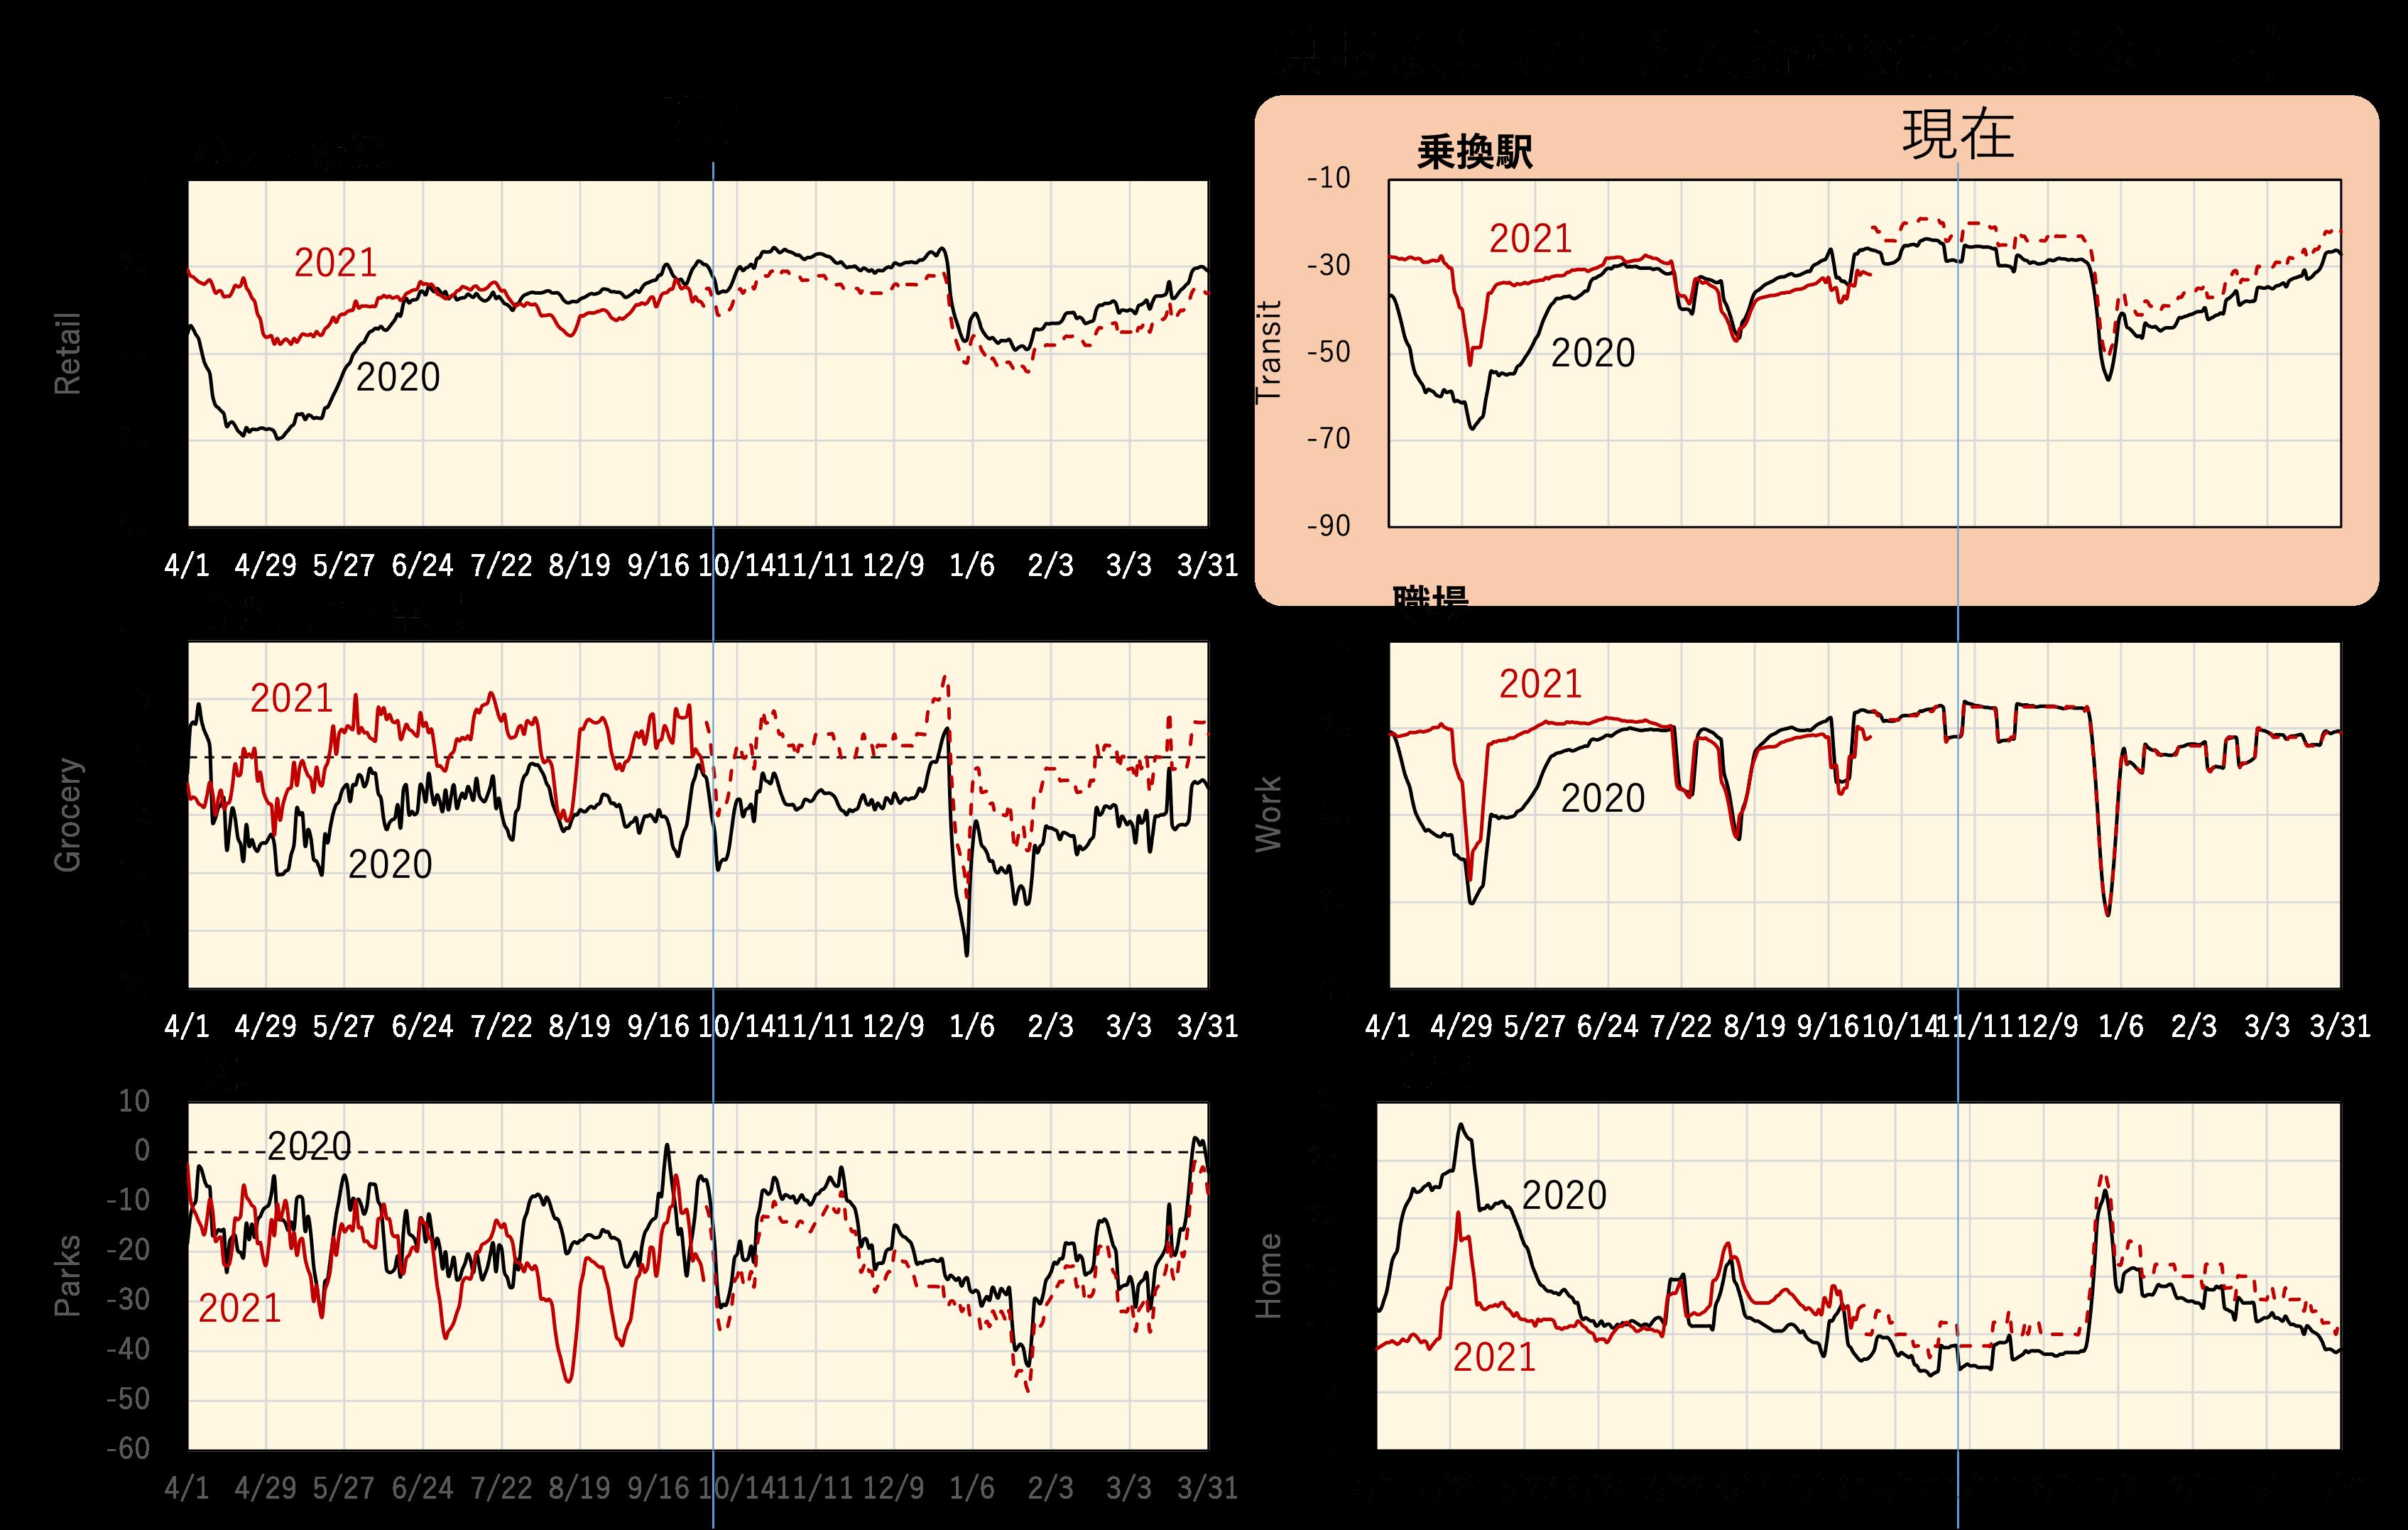 人流による影響を考察(現在の東京における人流)